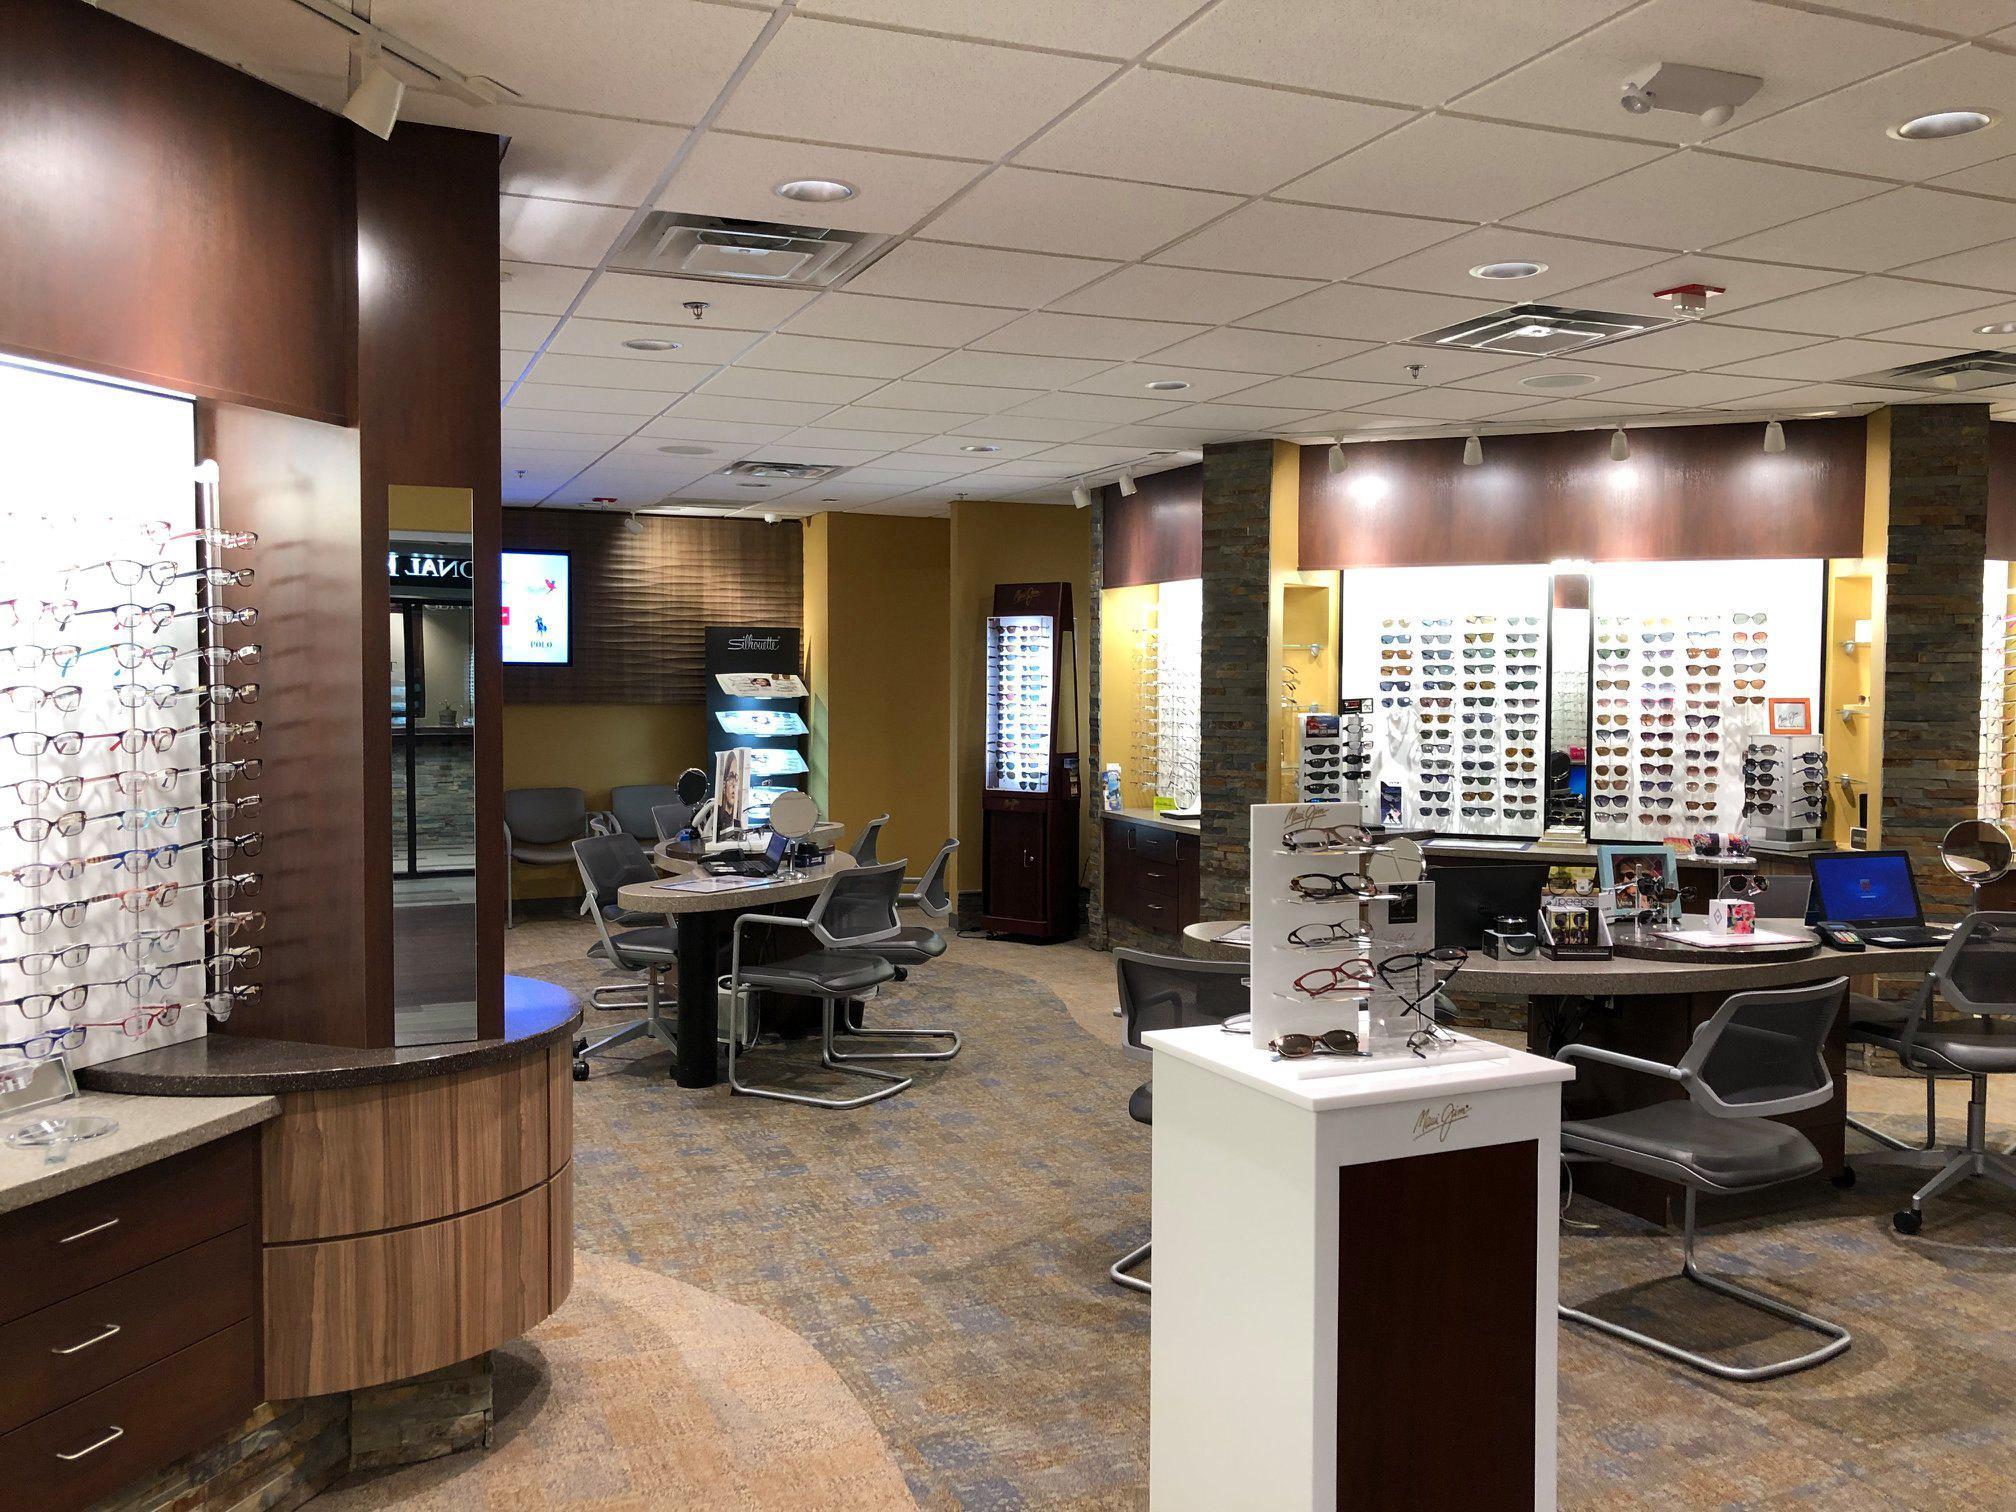 The Regional Eye Center image 3